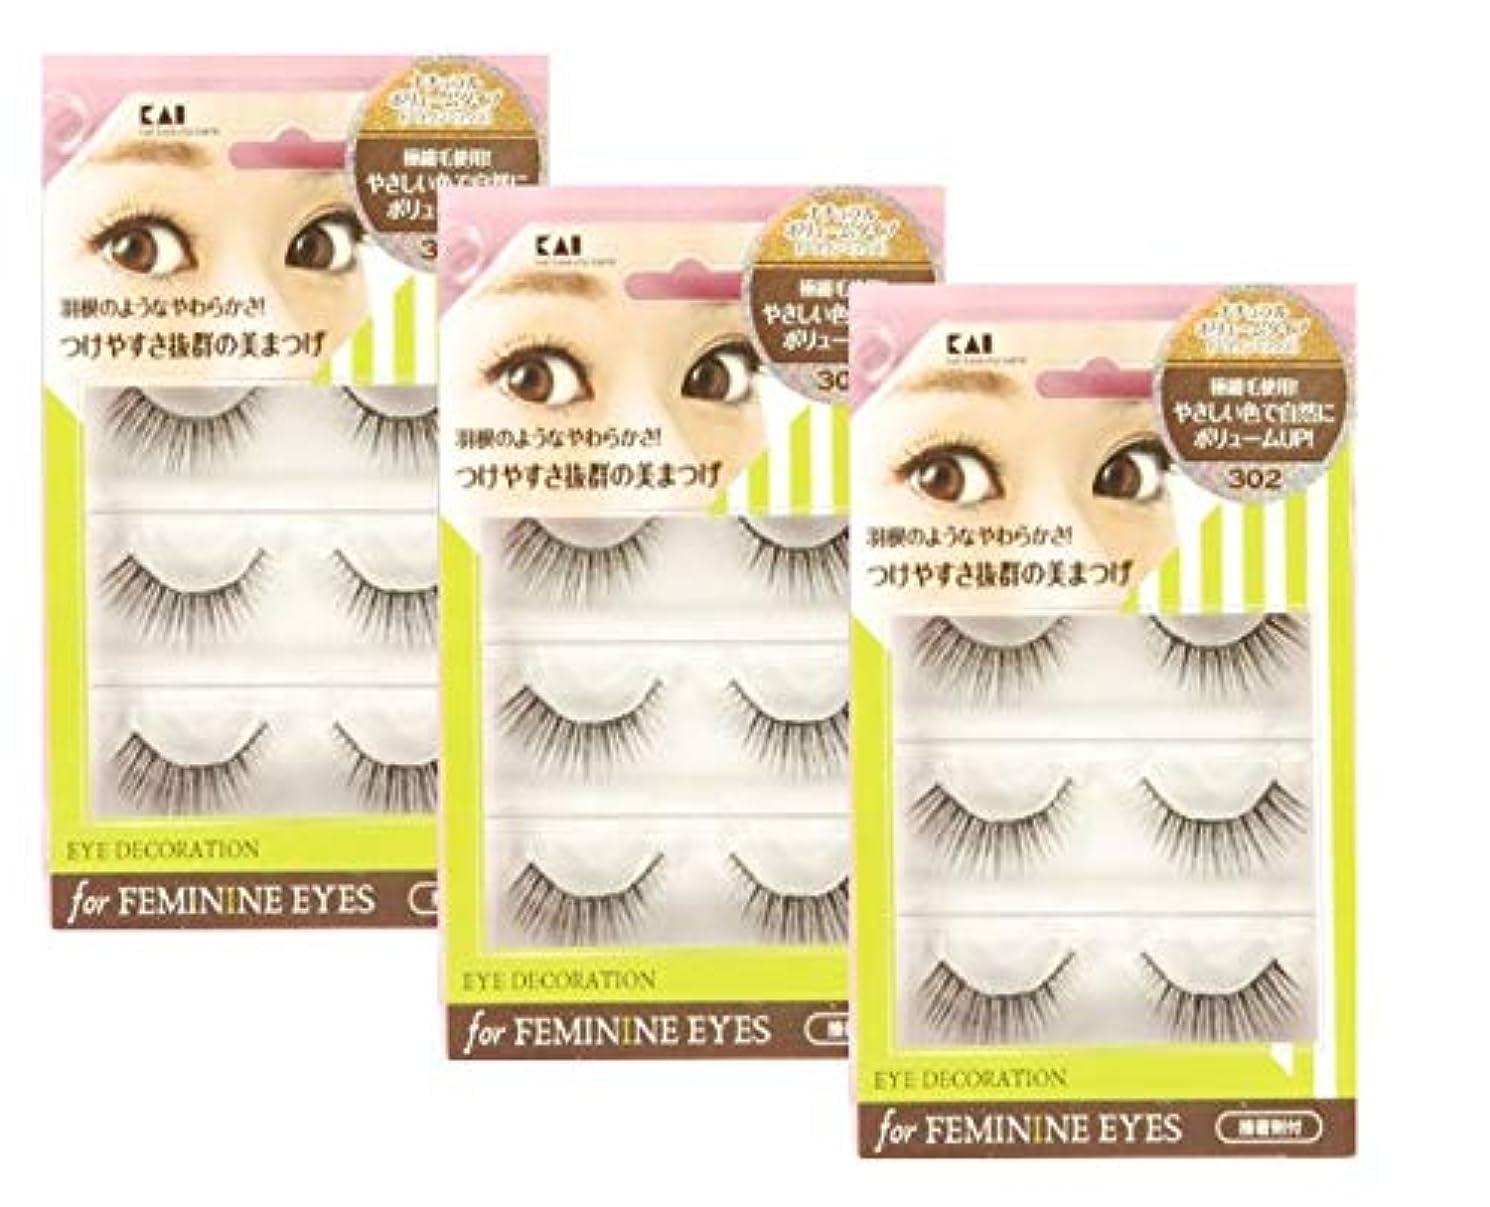 栄光のがっかりしたラテン【まとめ買い3個セット】アイデコレーション for feminine eyes 302 ナチュラルボリュームタイプ(ブラウンミックス)